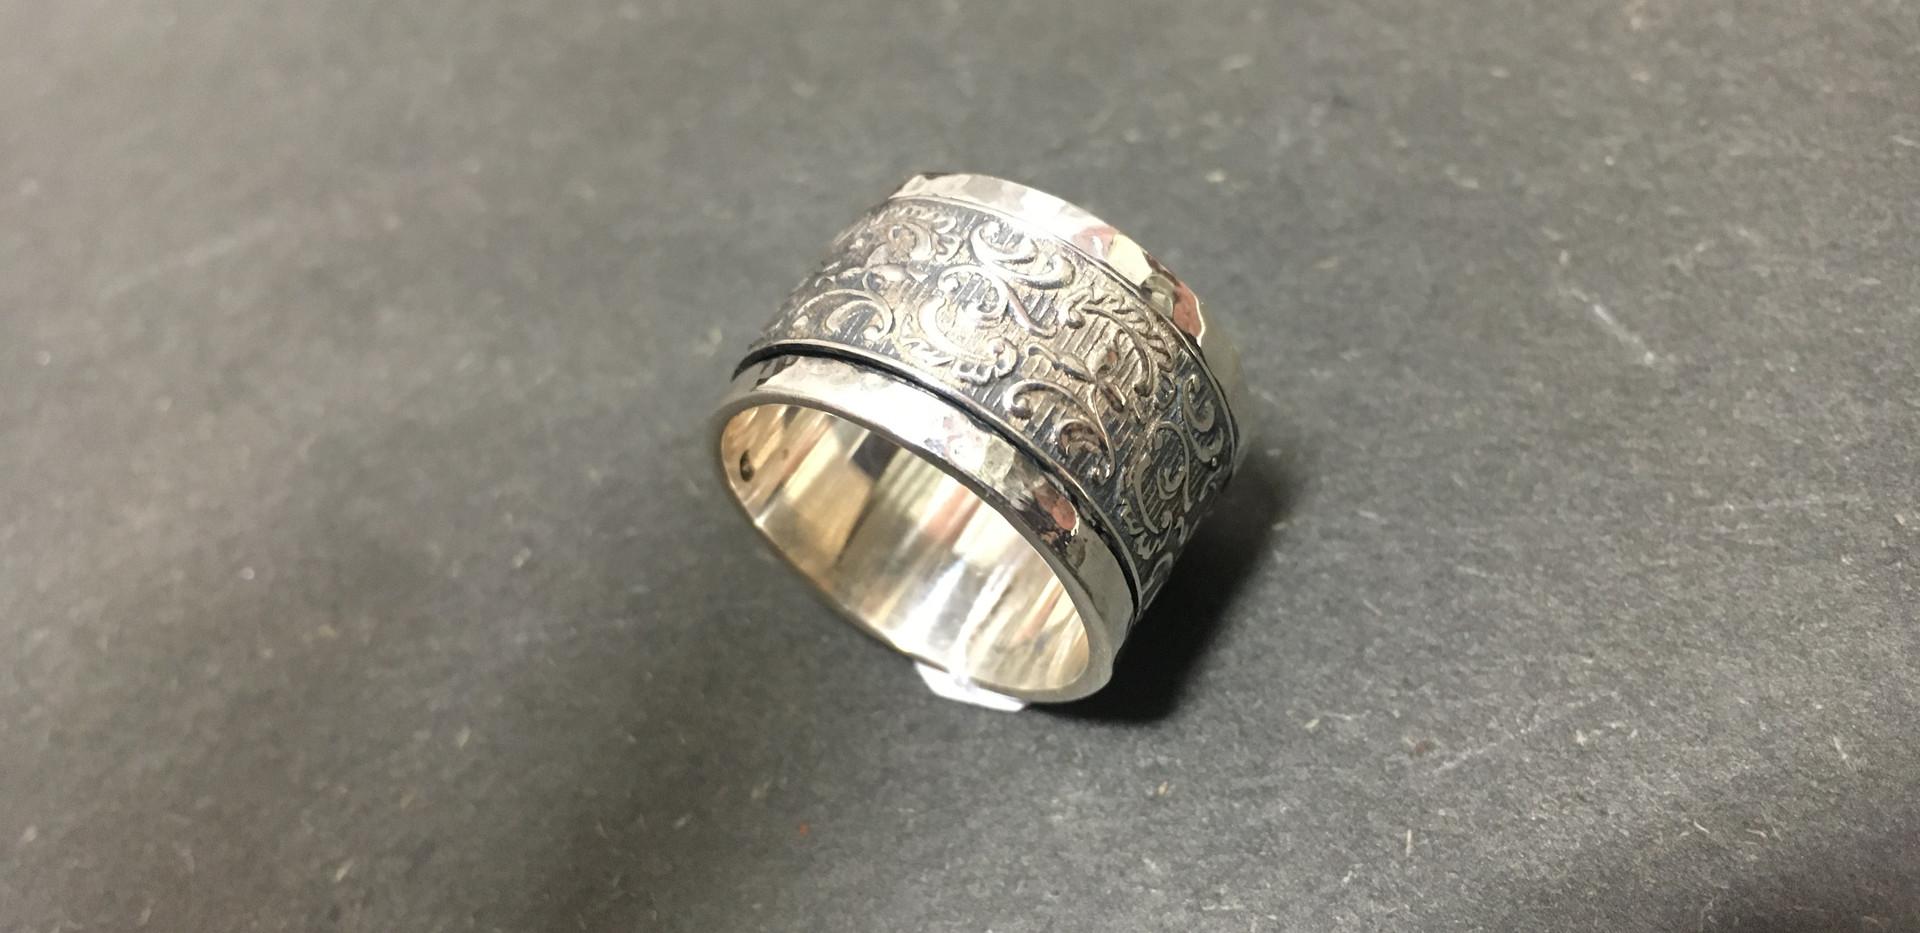 THEMA Antique, jolie anneau ruban, motif refief.